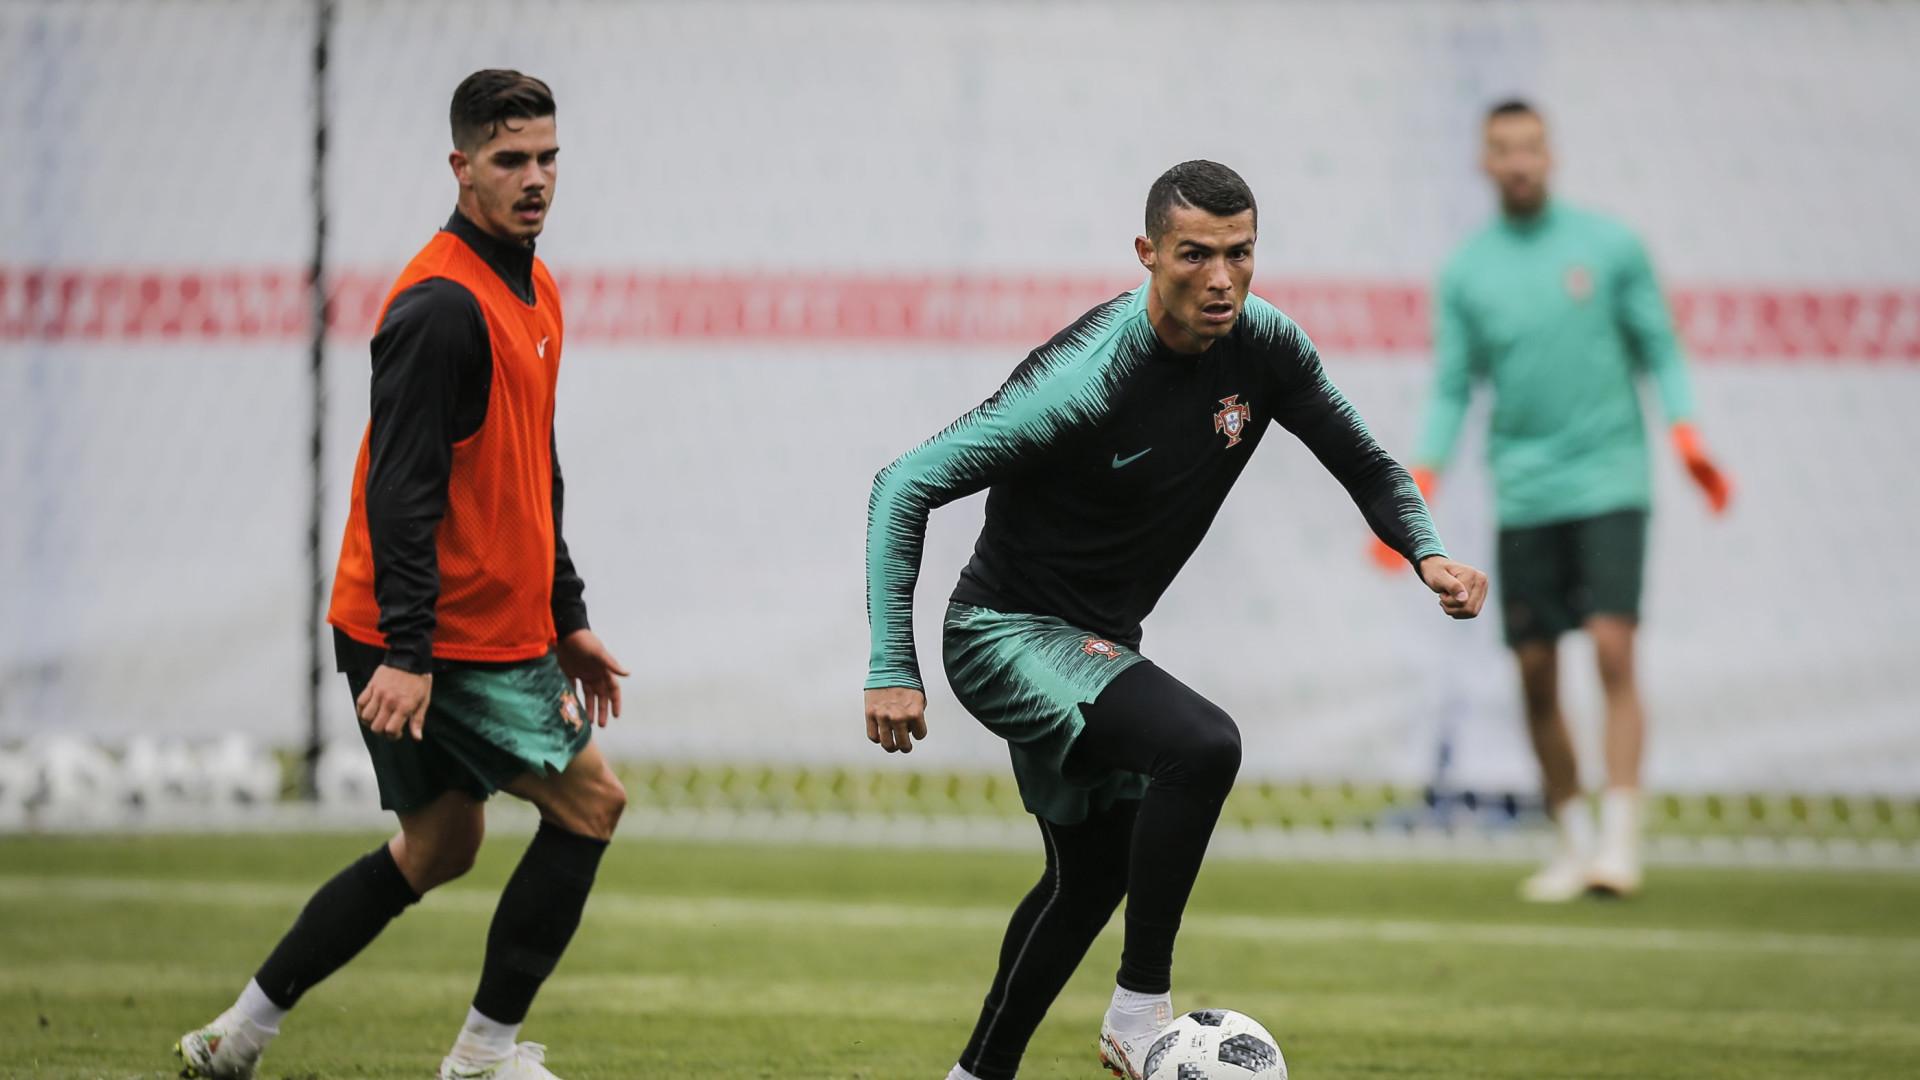 Cristiano Ronaldo arranca Mundial em busca de mais história